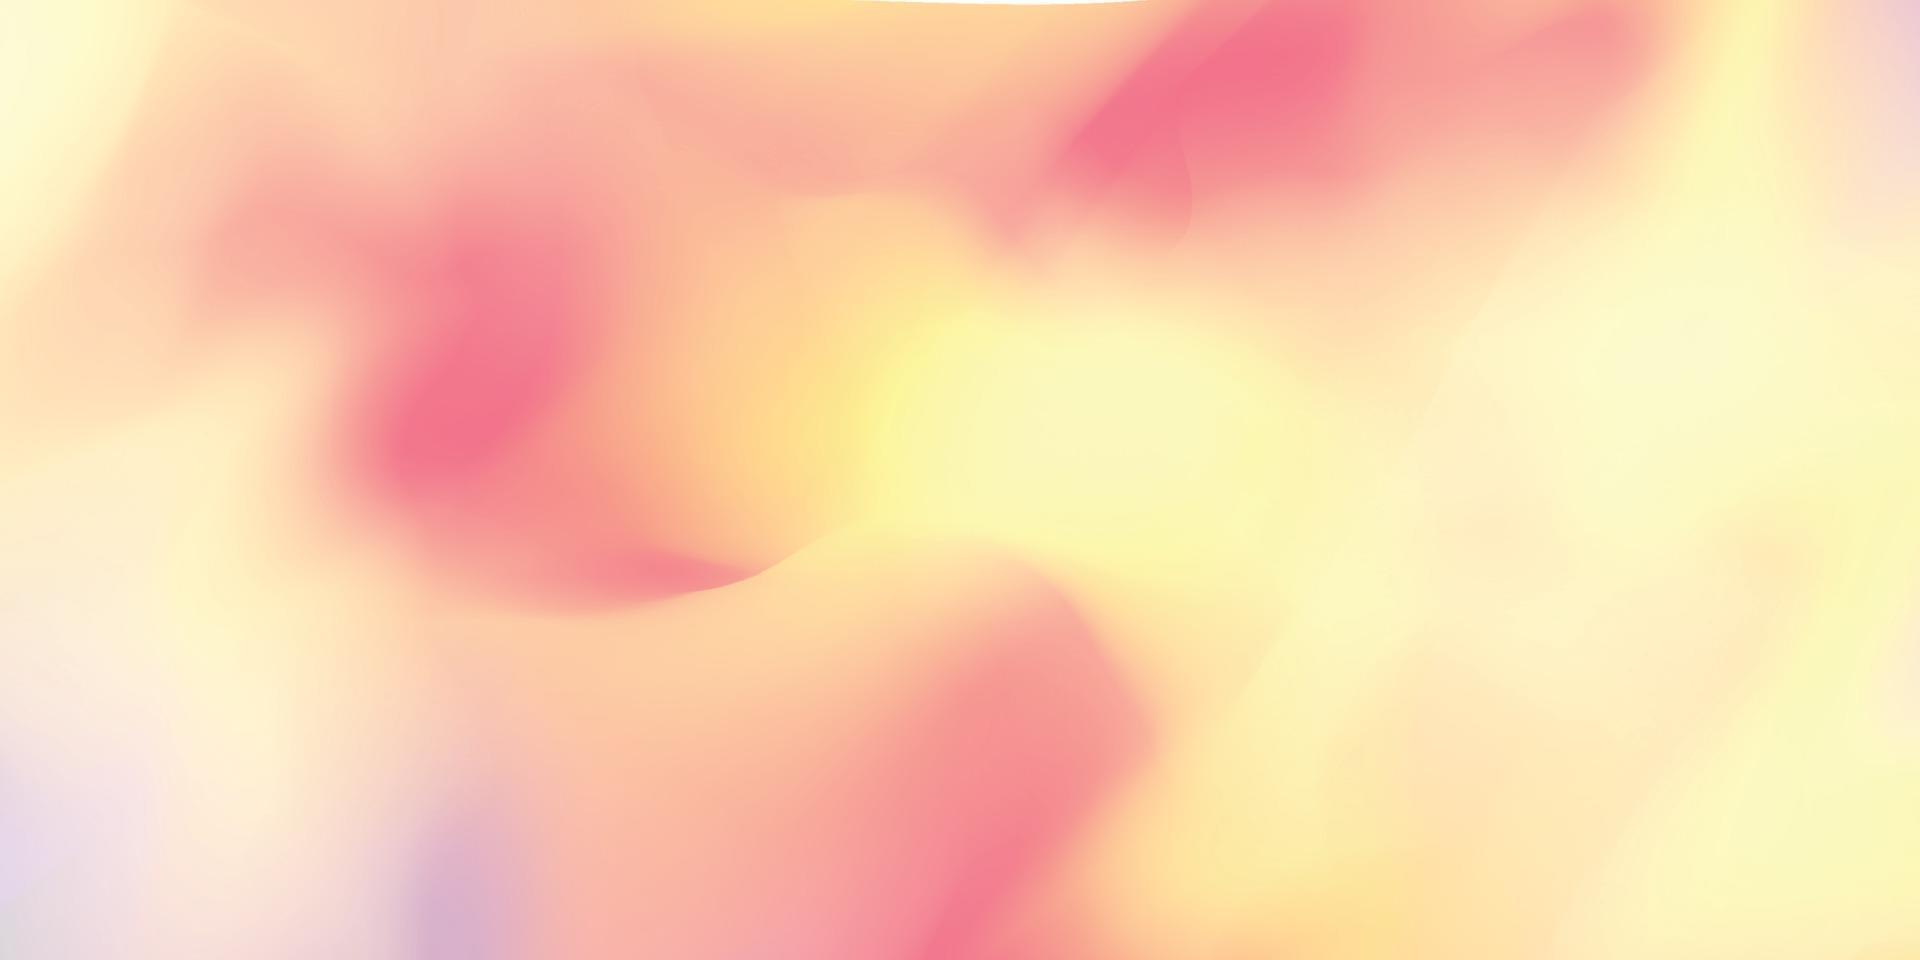 abstraktes buntes Hintergrundhintergrundkonzept des Pastells für Ihr buntes Grafikdesign vektor